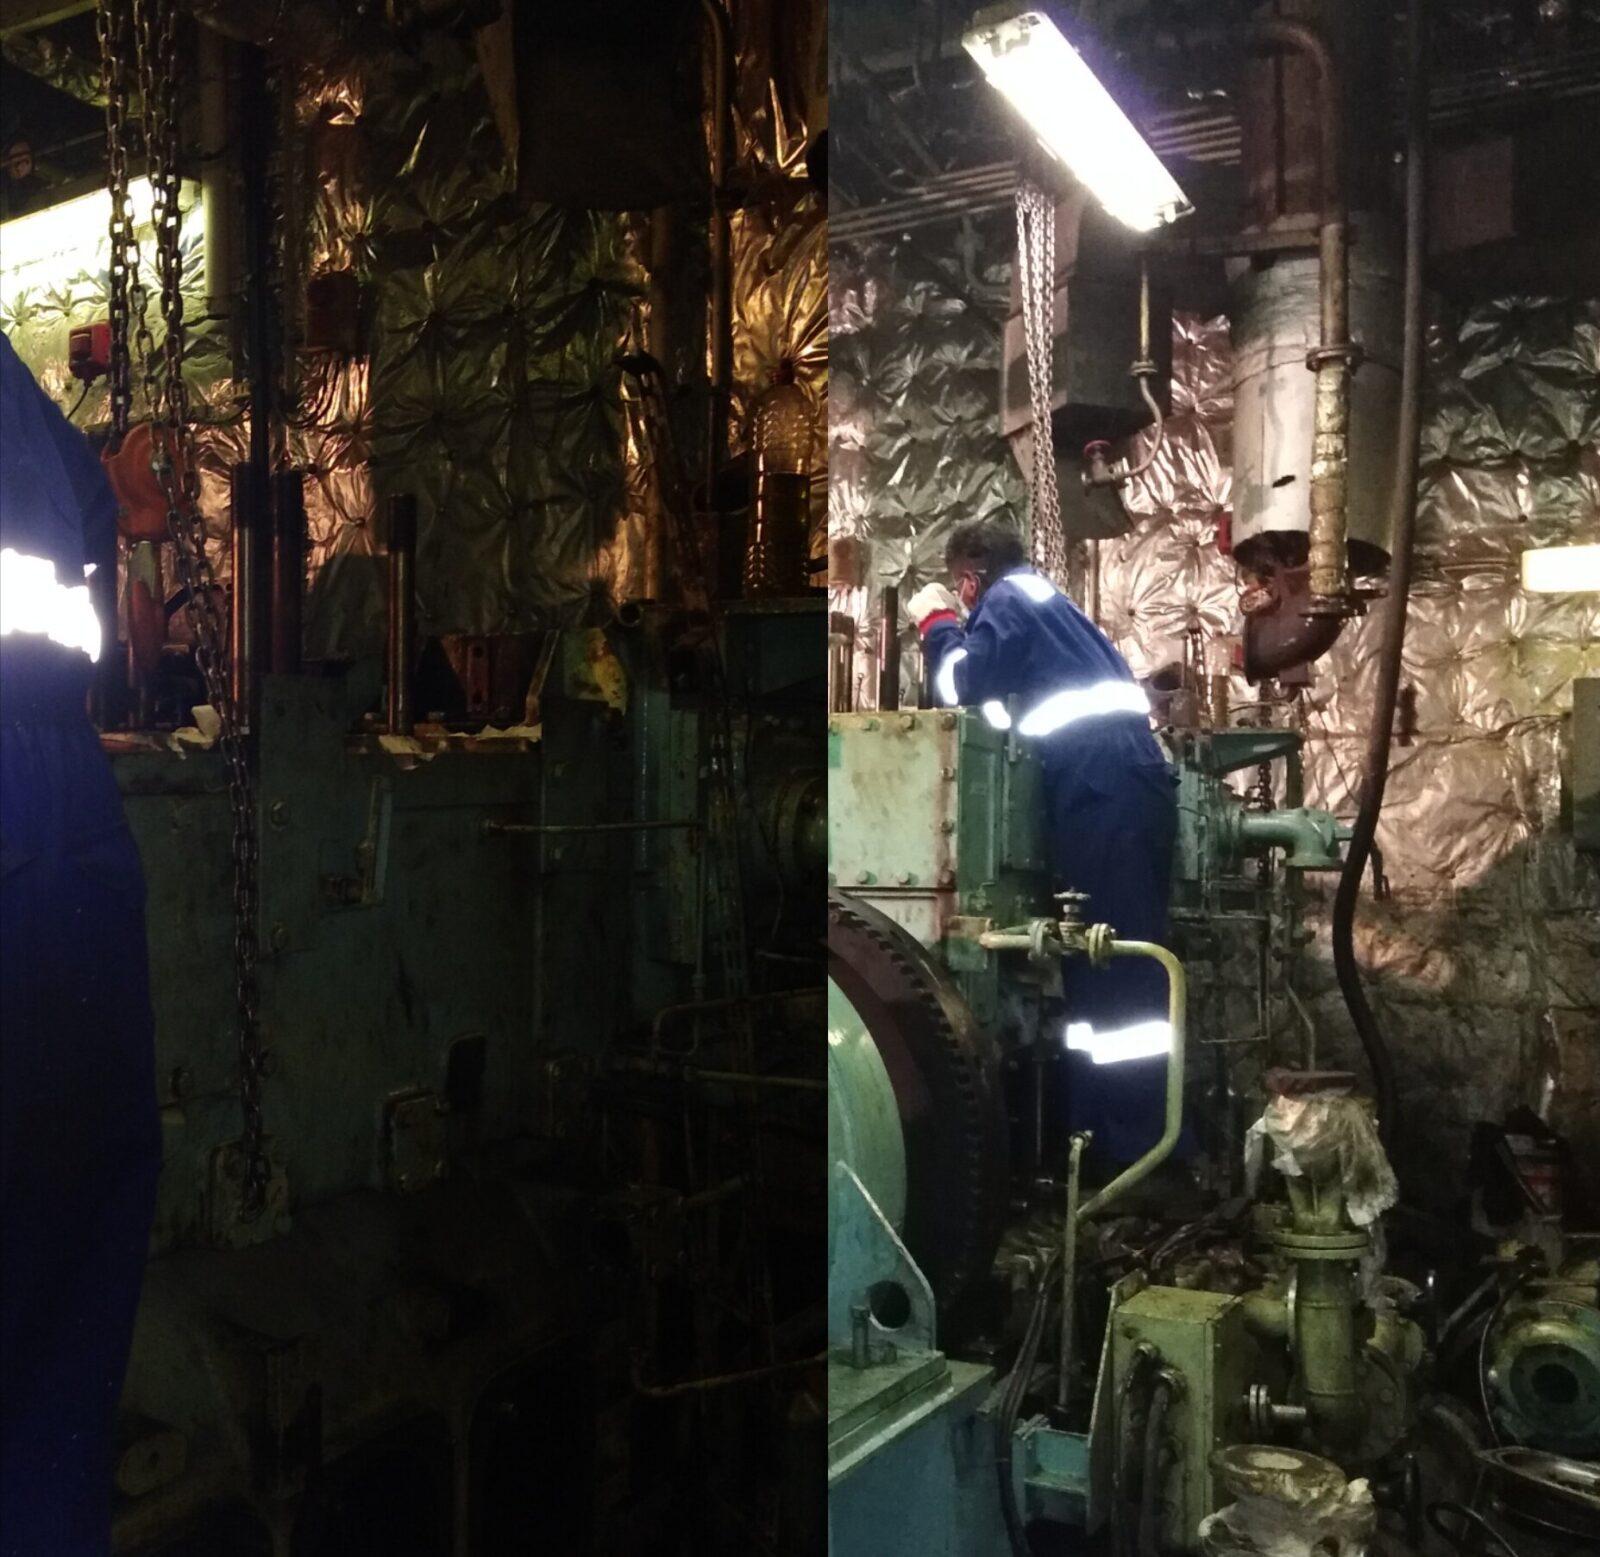 Ship blackout restoration process